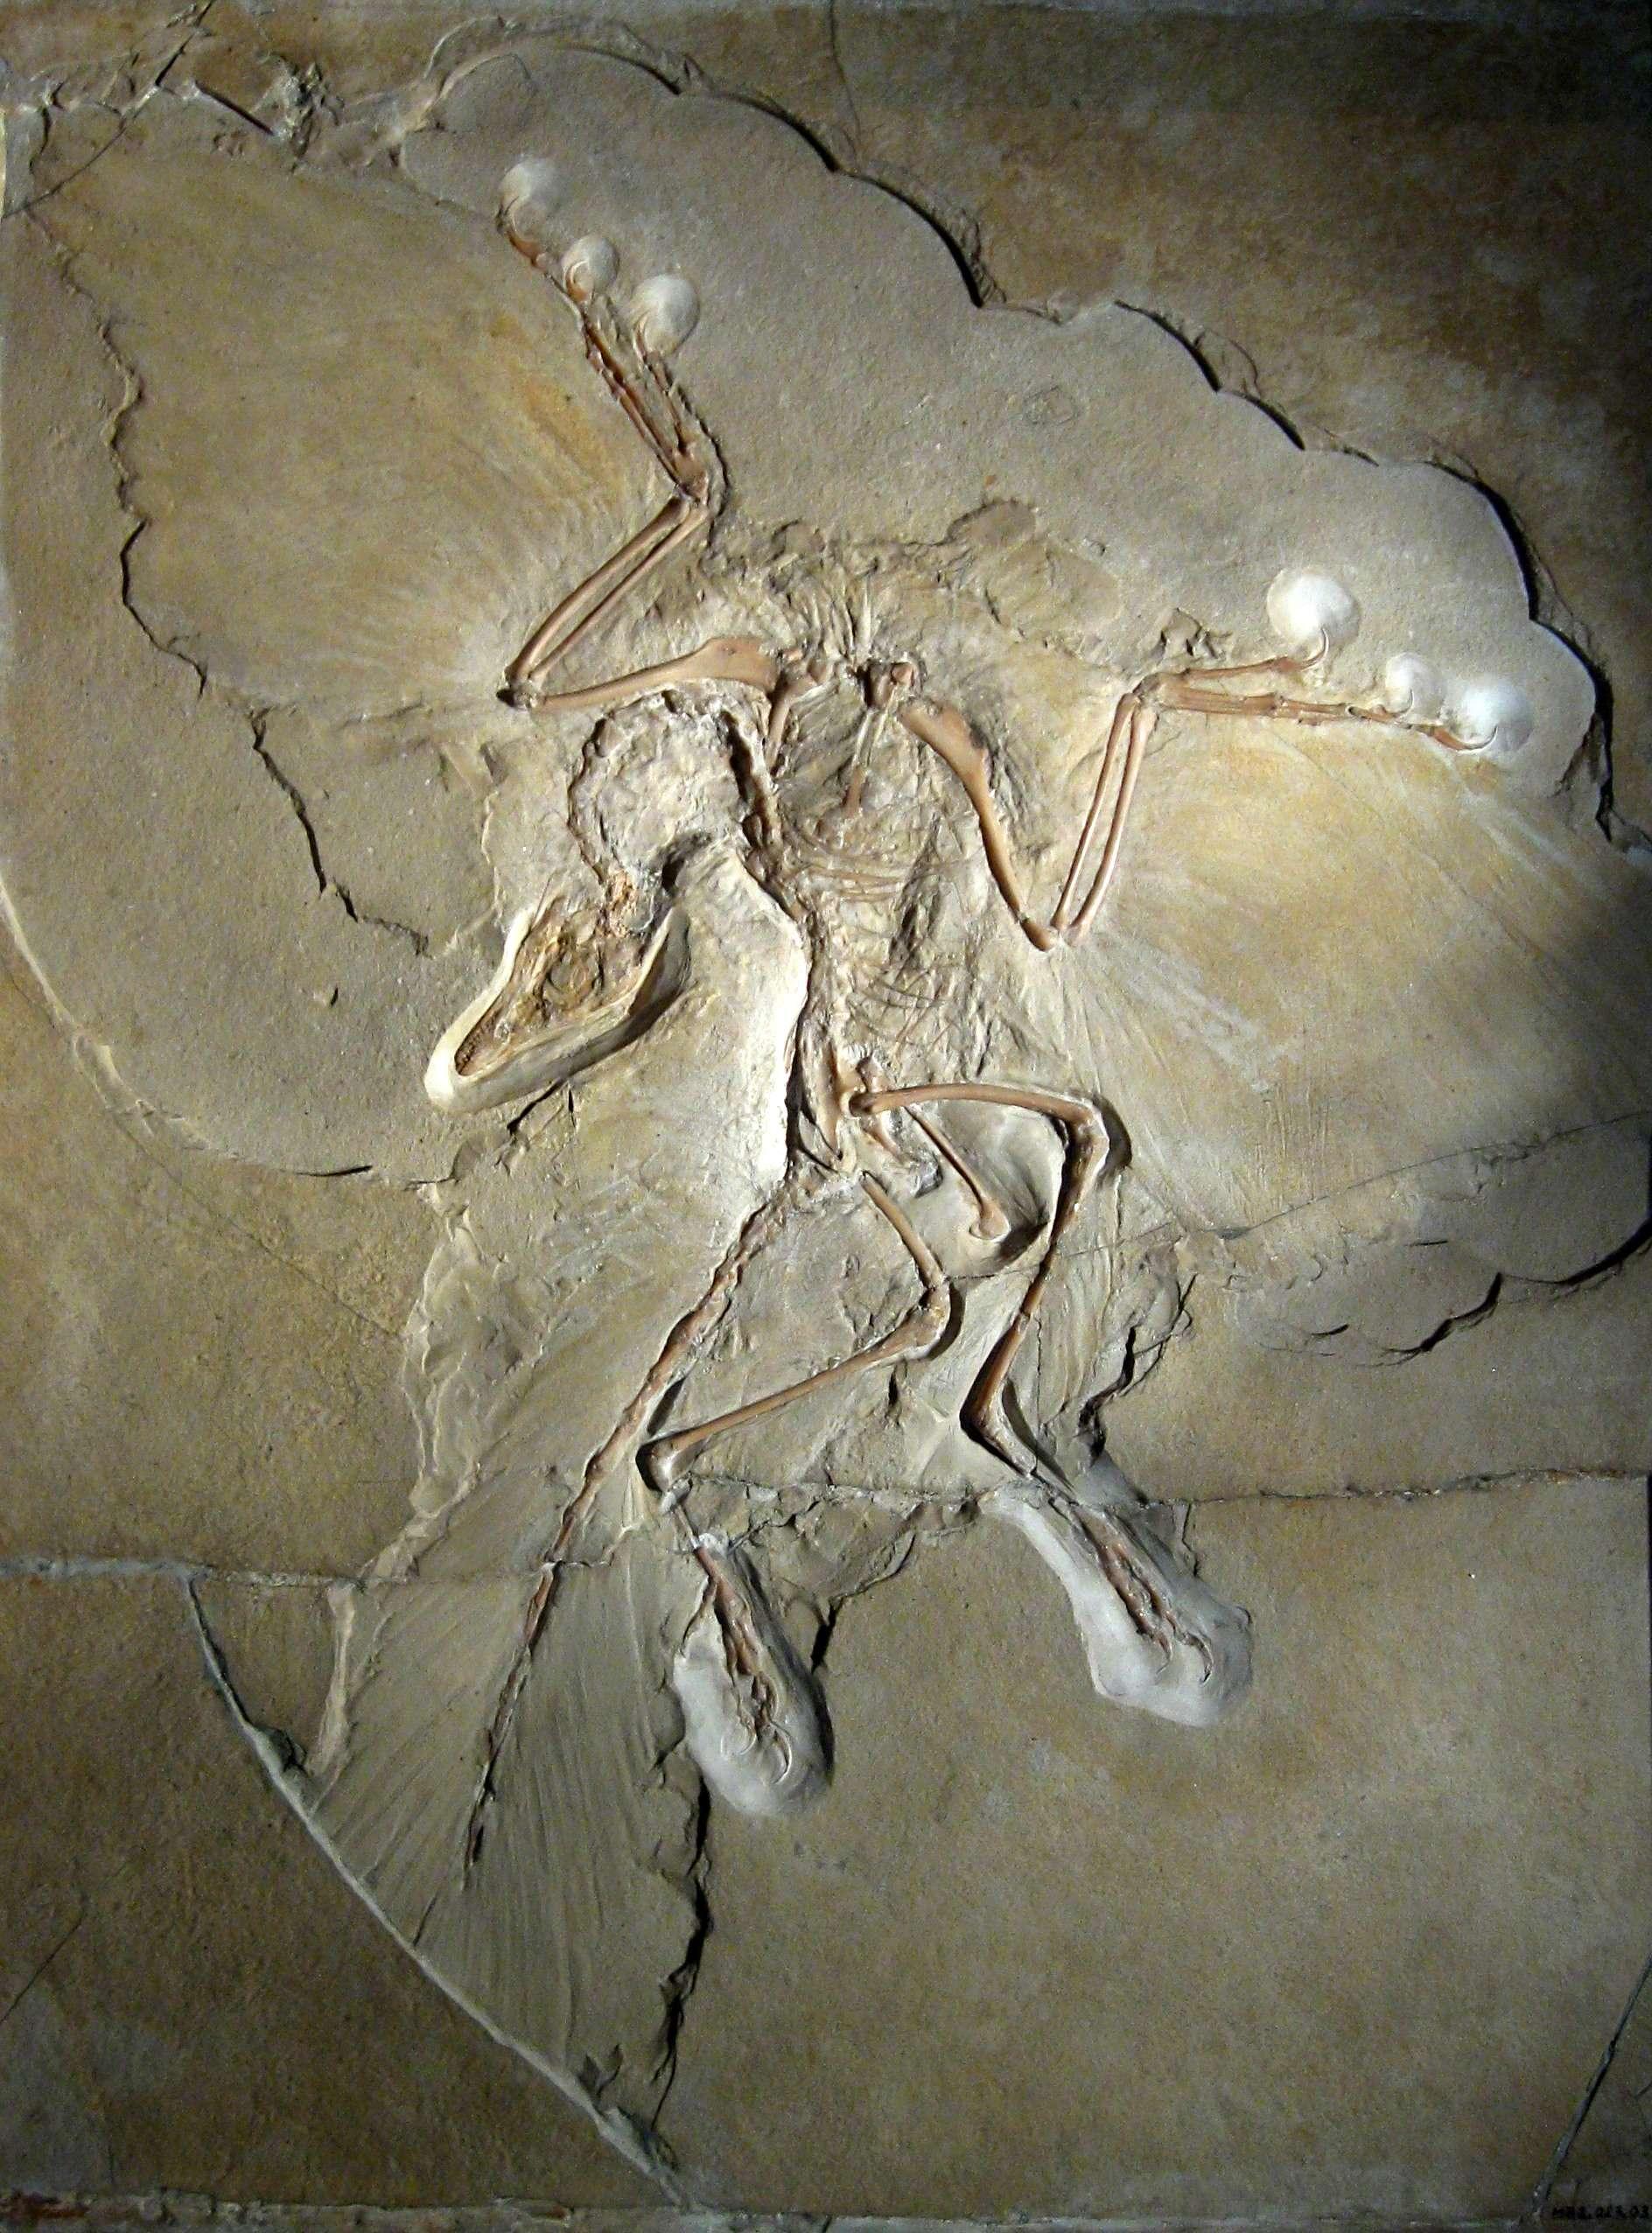 Ο αρχαιοπτέρυξ ή αρχαιοπτέρυγα (Archaeopteryx), αναφερόμενο μερικές φορές και με το γερμανικό του όνομα, Urvogel («το πρώτο πτηνό»), είναι το αρχαιότερο και πιο πρωτόγονο γένος πτηνών που είναι γνωστό. Το όνομα προέρχεται από τα αρχαία ελληνικά ἀρχαῖος και πτέρυξ.